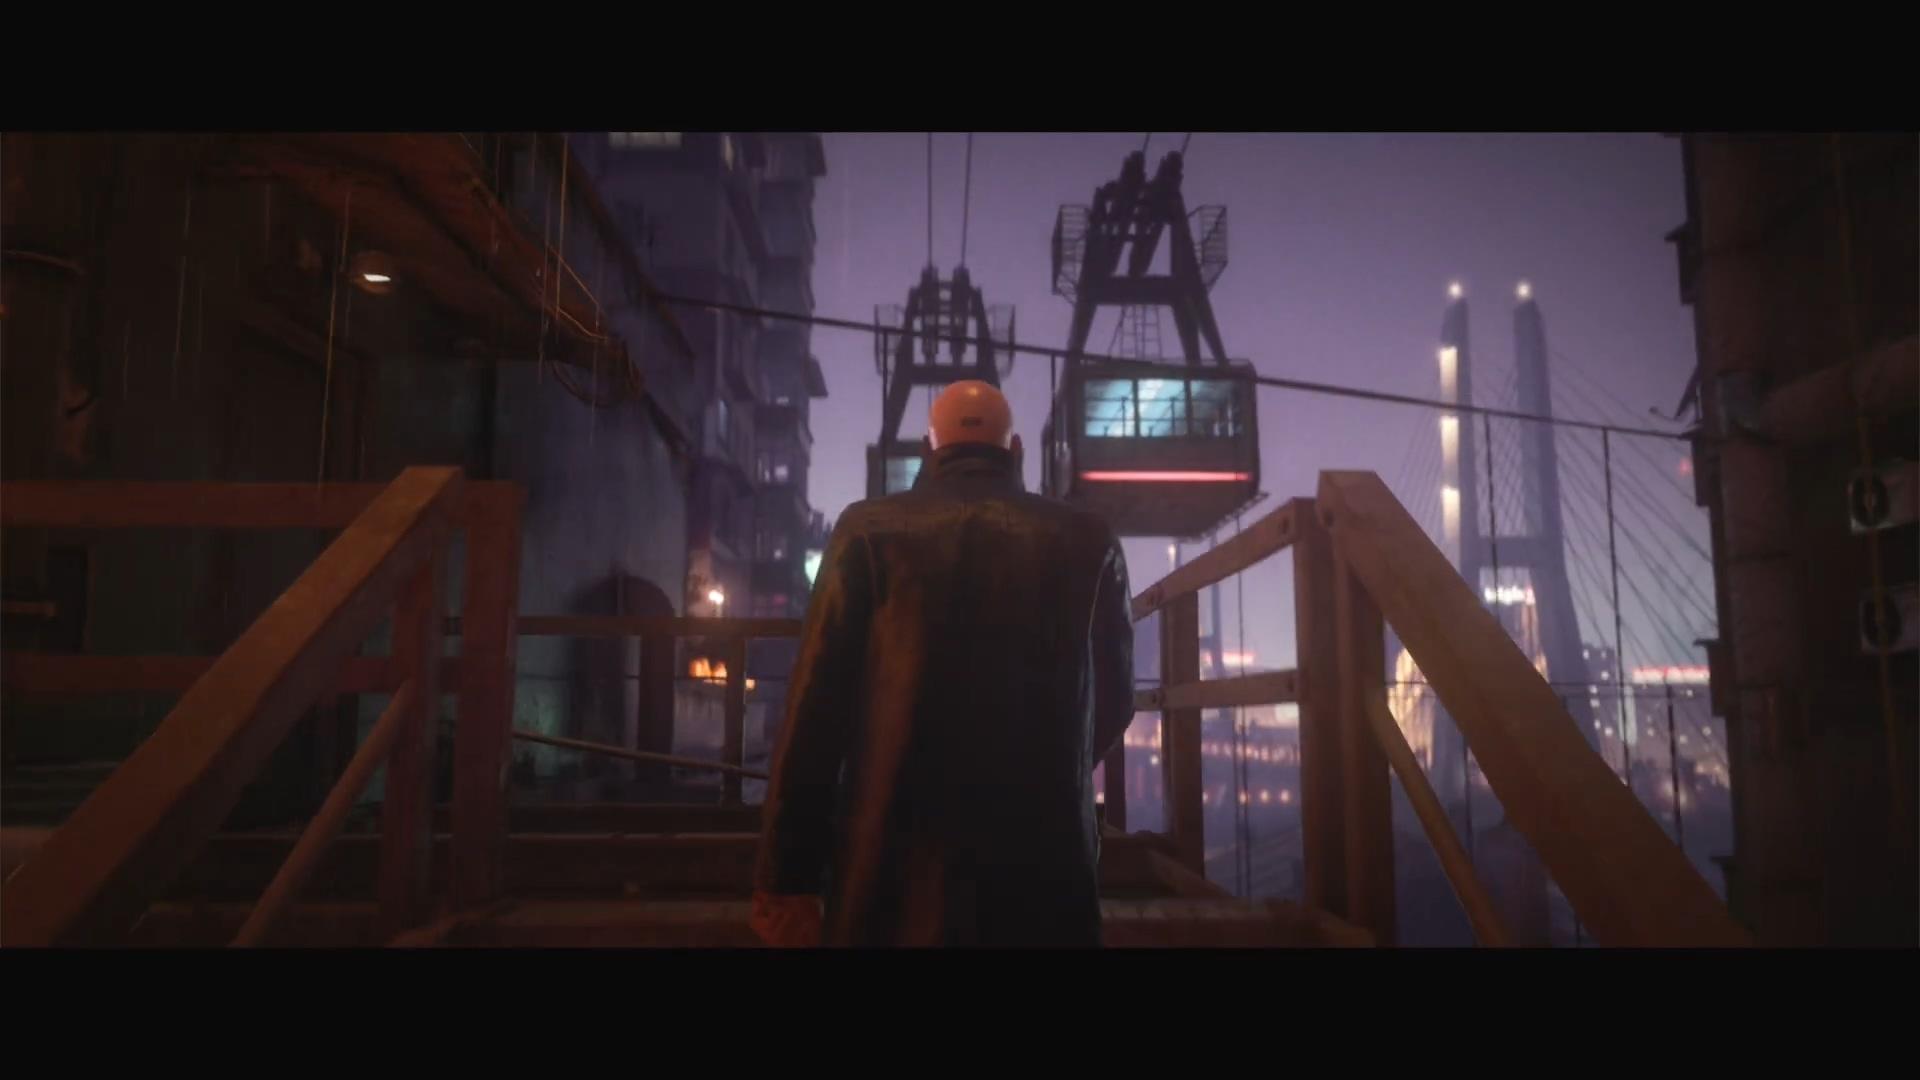 《杀手3》全新预告 灯红酒绿的重庆街道暗藏杀机